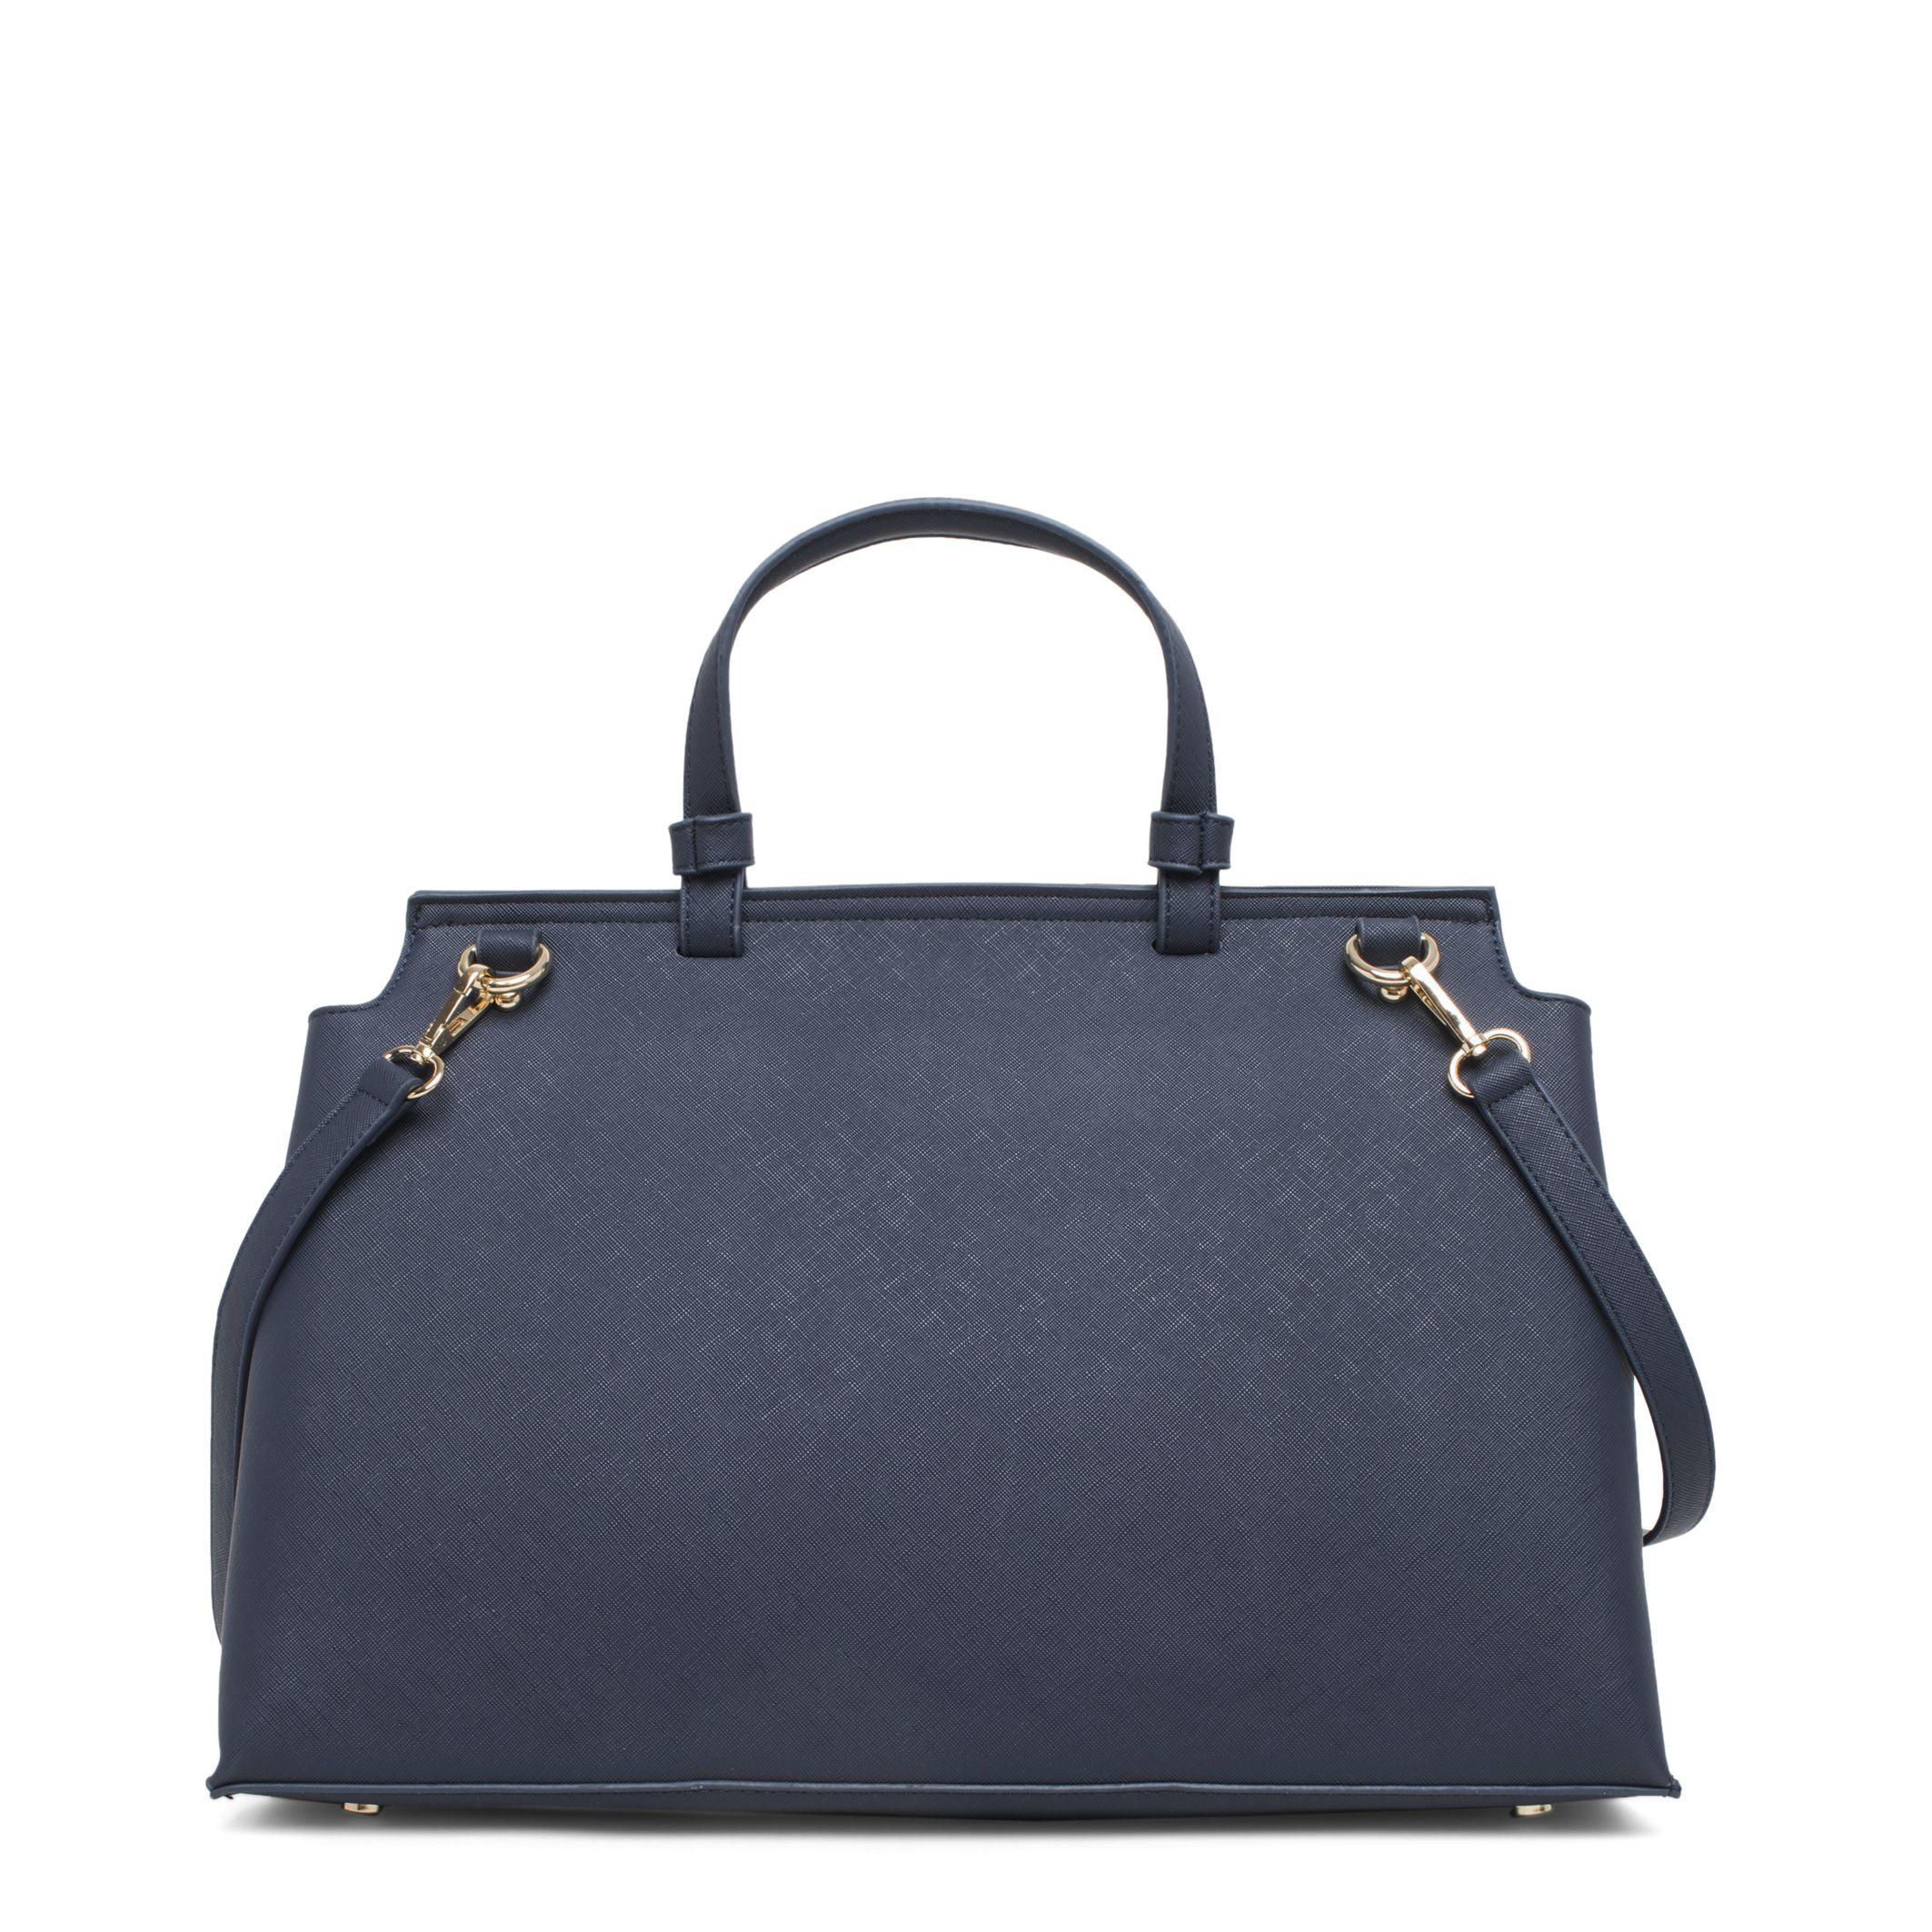 Handtaschen Trussardi – 76BTS14 – Blau